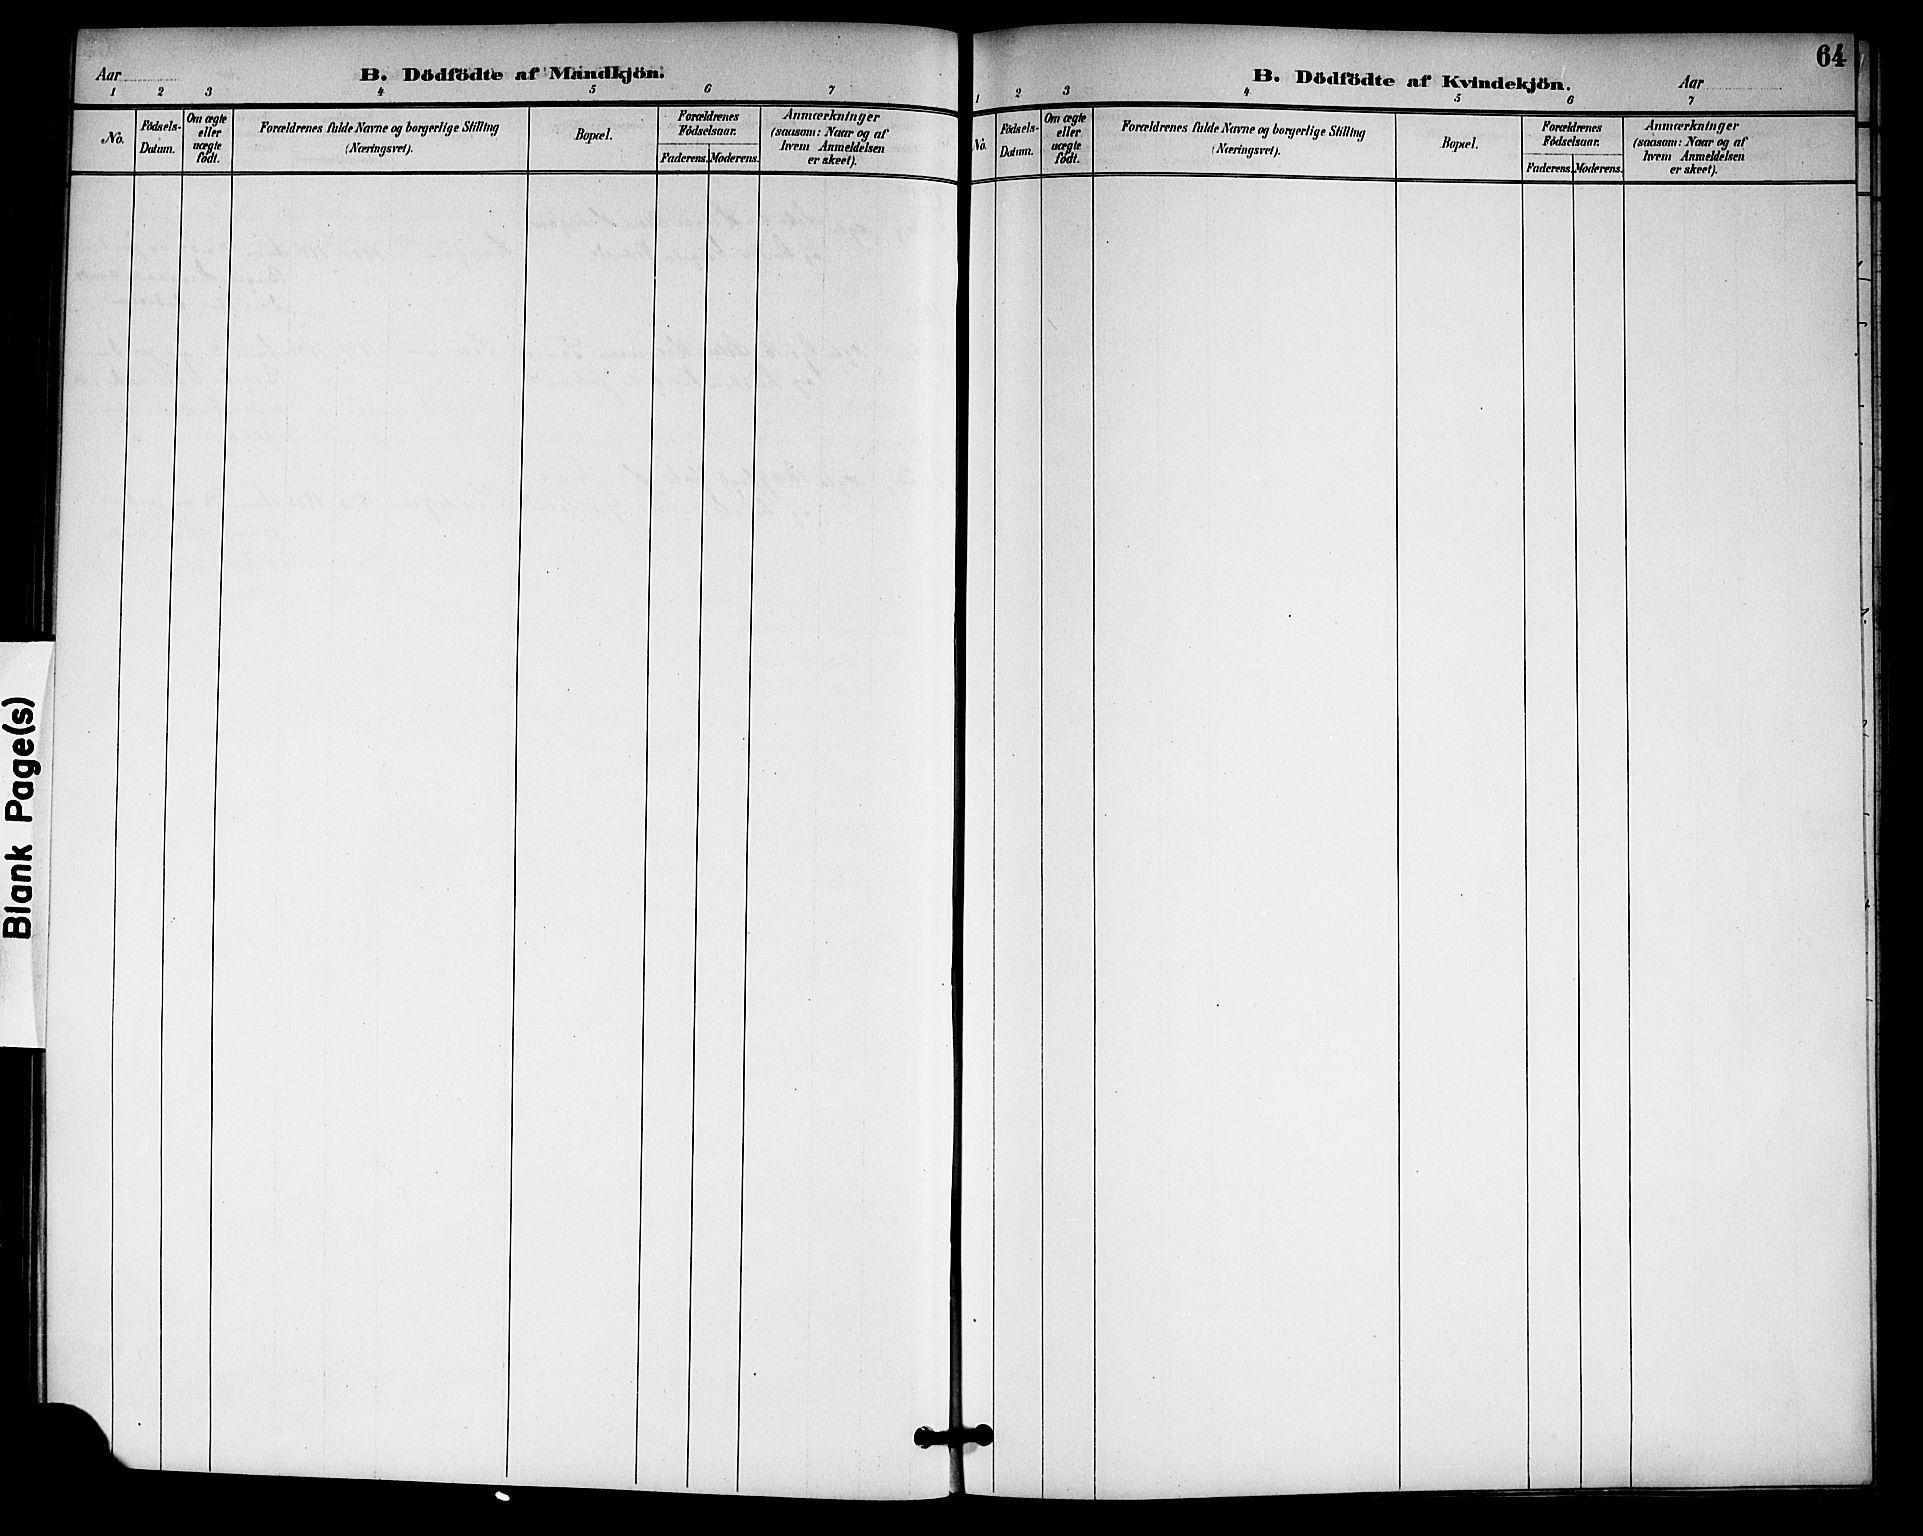 SAKO, Gransherad kirkebøker, G/Gb/L0003: Klokkerbok nr. II 3, 1887-1921, s. 64